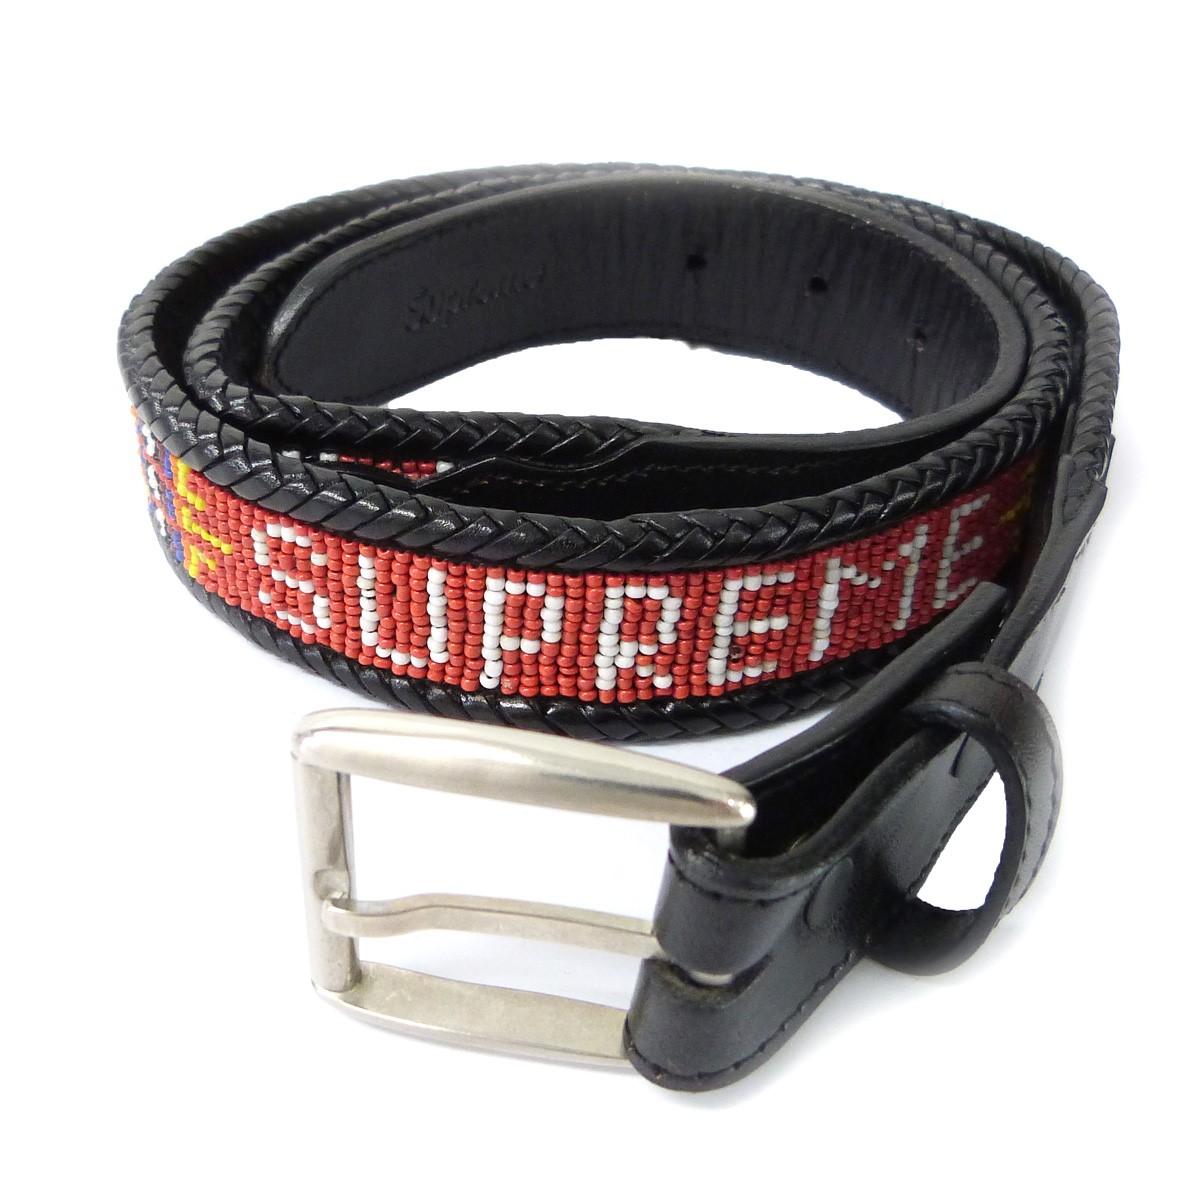 【中古】SUPREME 12SS「Beaded Belt」ビーズベルト ブラック サイズ:L/XL 【120320】(シュプリーム)